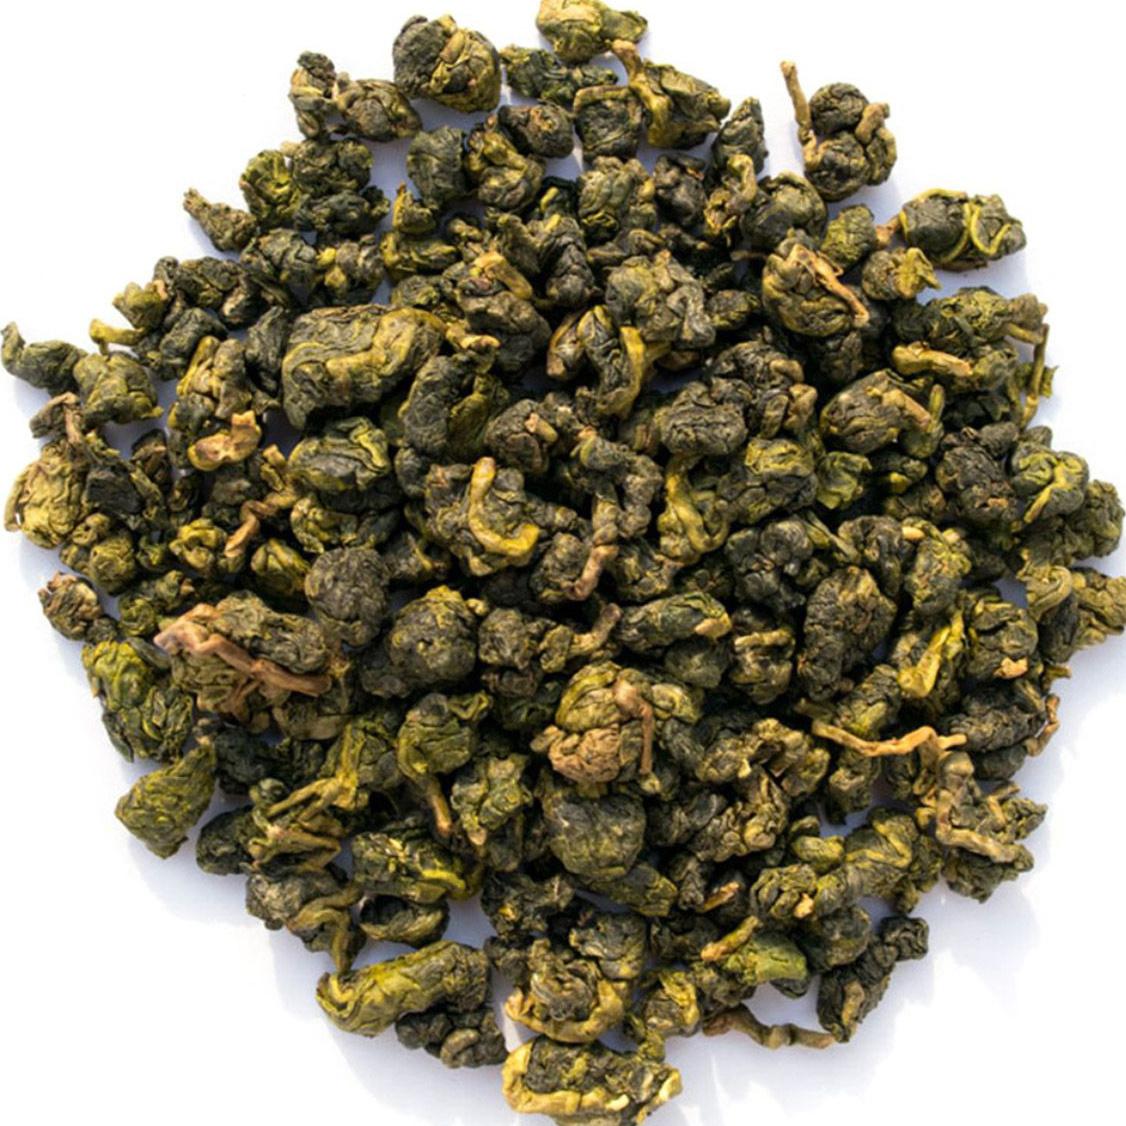 Настоящий Китайский Молочный Улун 200 г. Чай Зеленый Листовой Рассыпной Ceremony (Milk Oolong Green Tea, #1